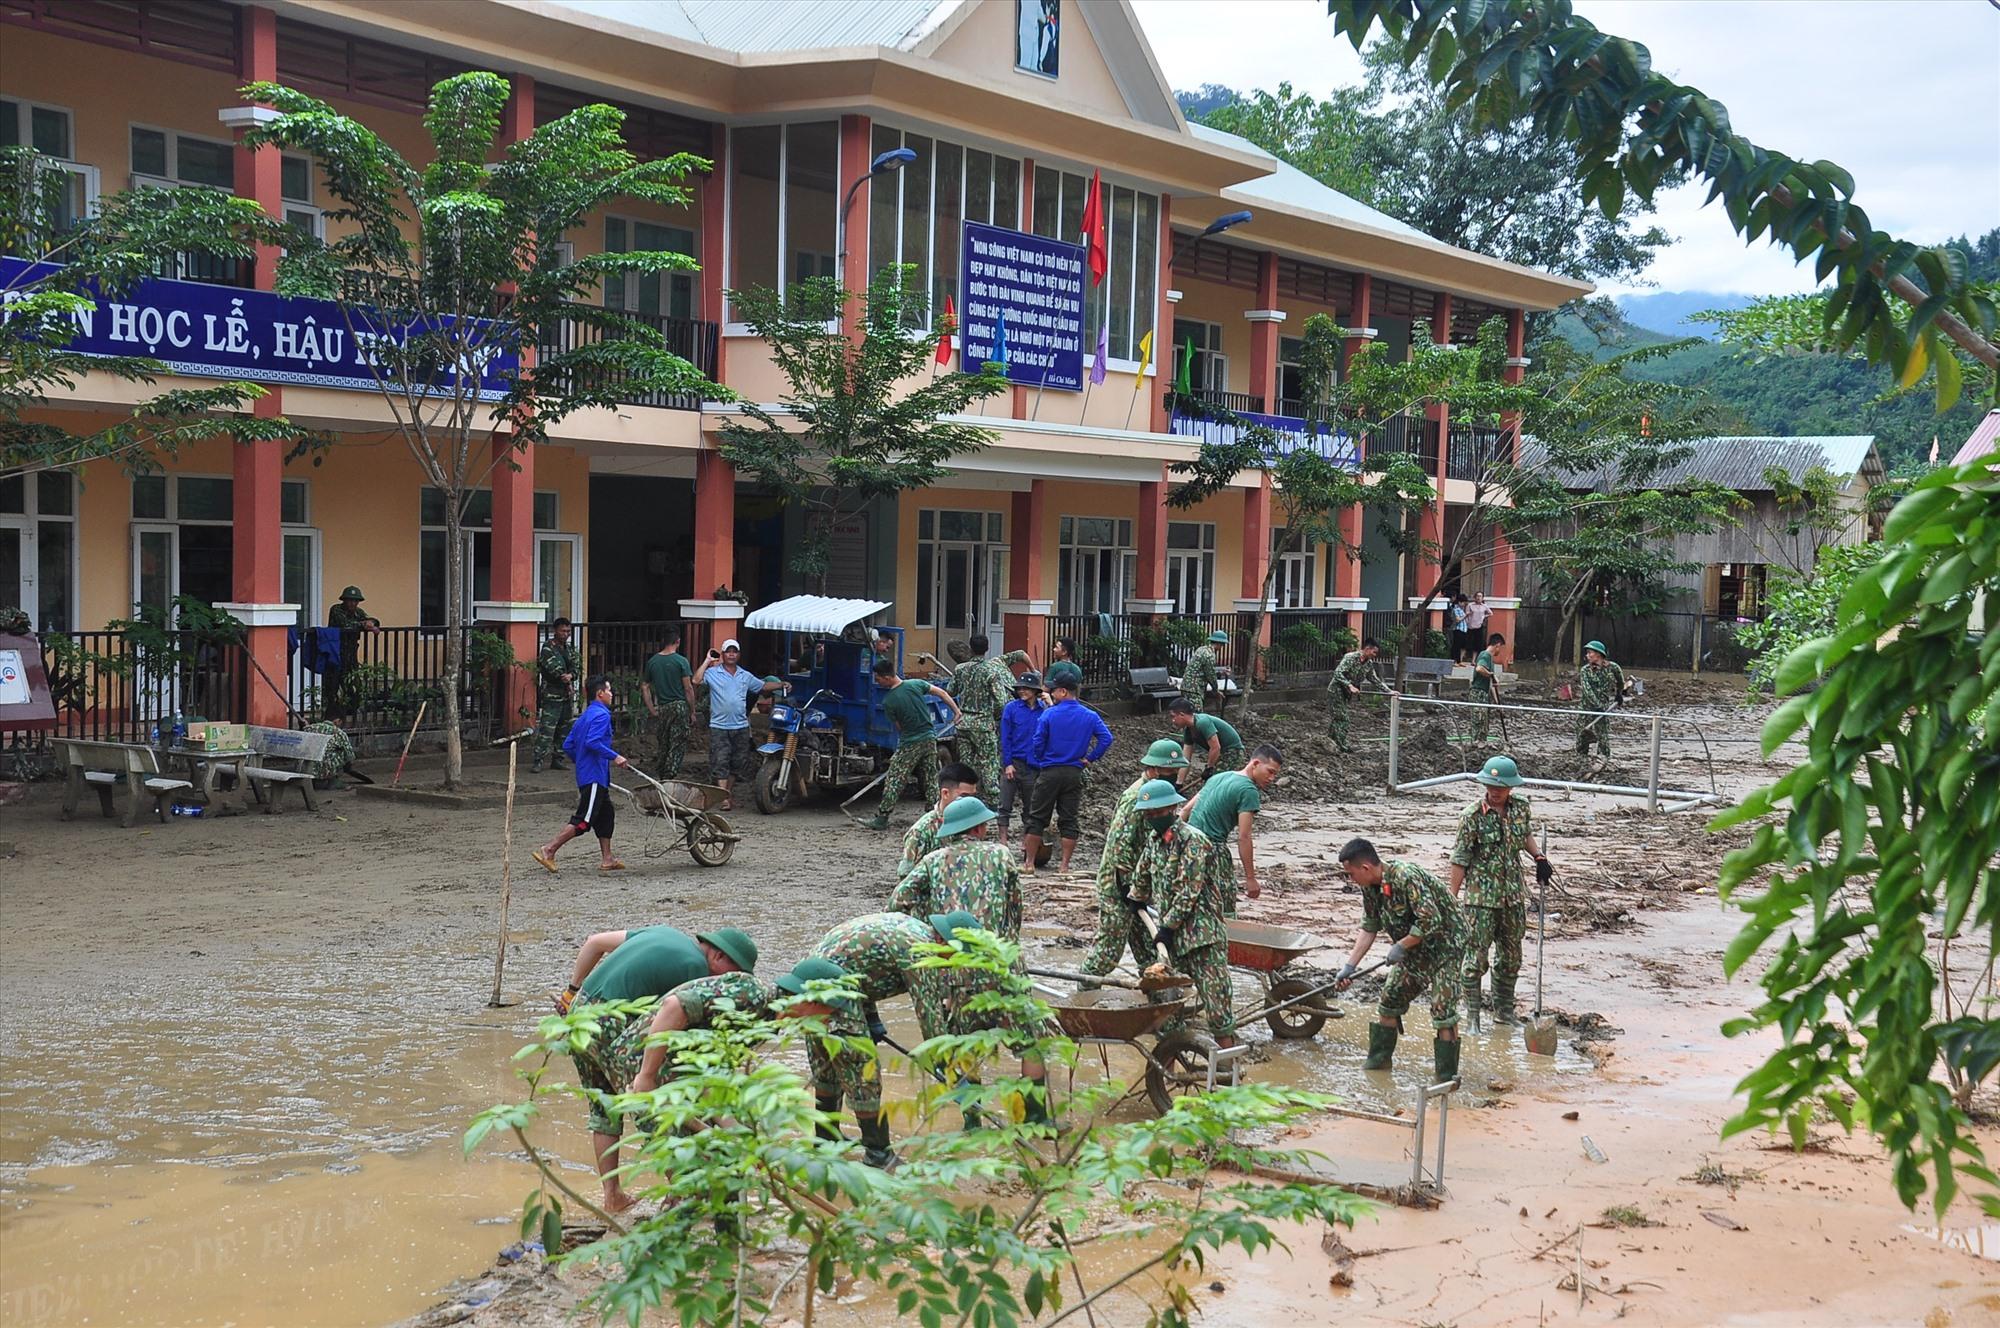 Thanh niên tình nguyện cùng cán bộ, chiến sĩ Sư đoàn 315 dọn vệ sinh giúp Trường Phổ thông dân tộc bán trú tiểu học Trà Leng.